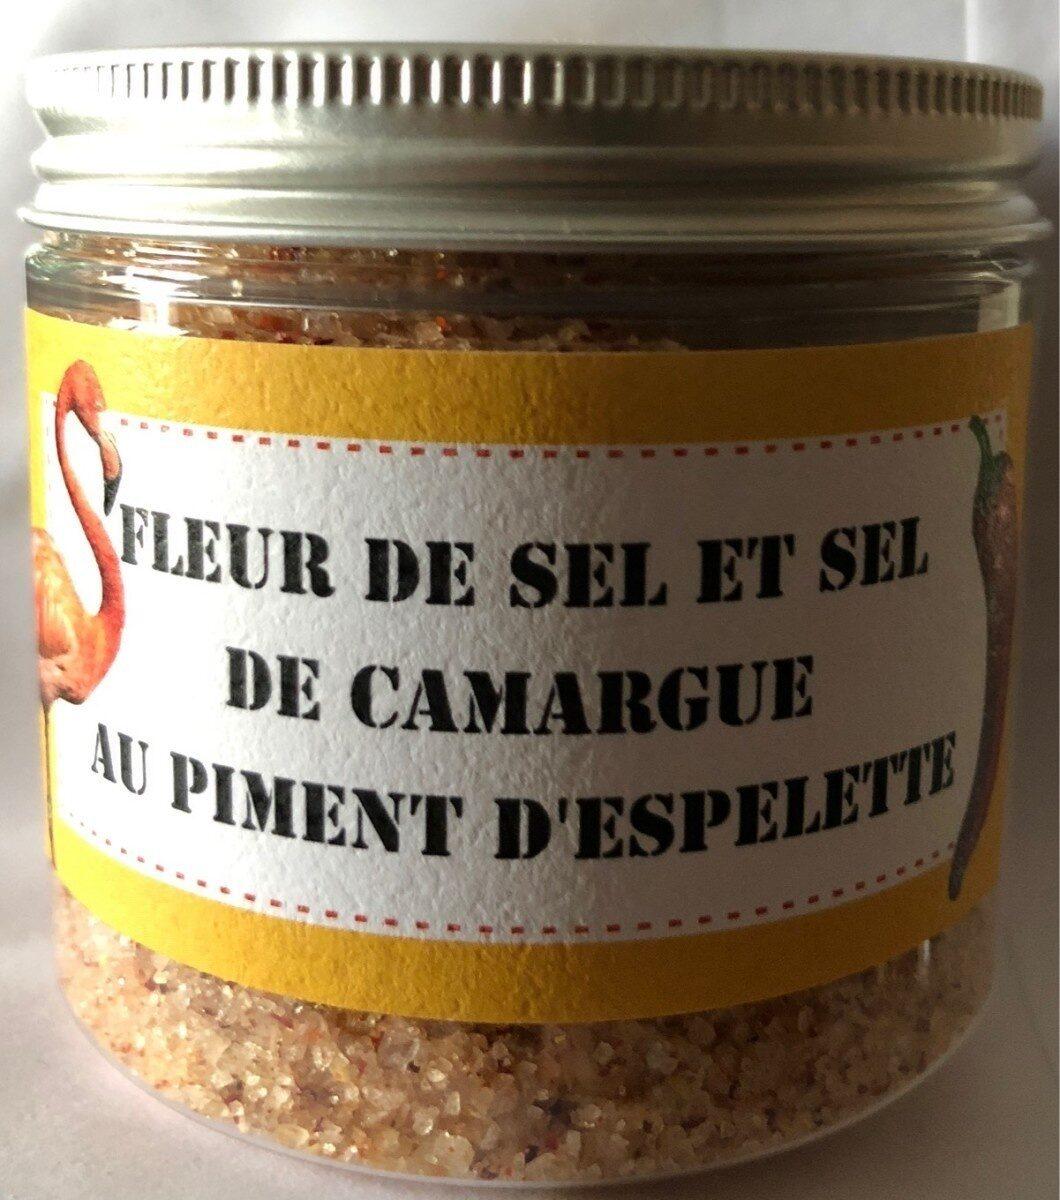 Fleur de sel de camargue au piment d'espelette - Producto - fr